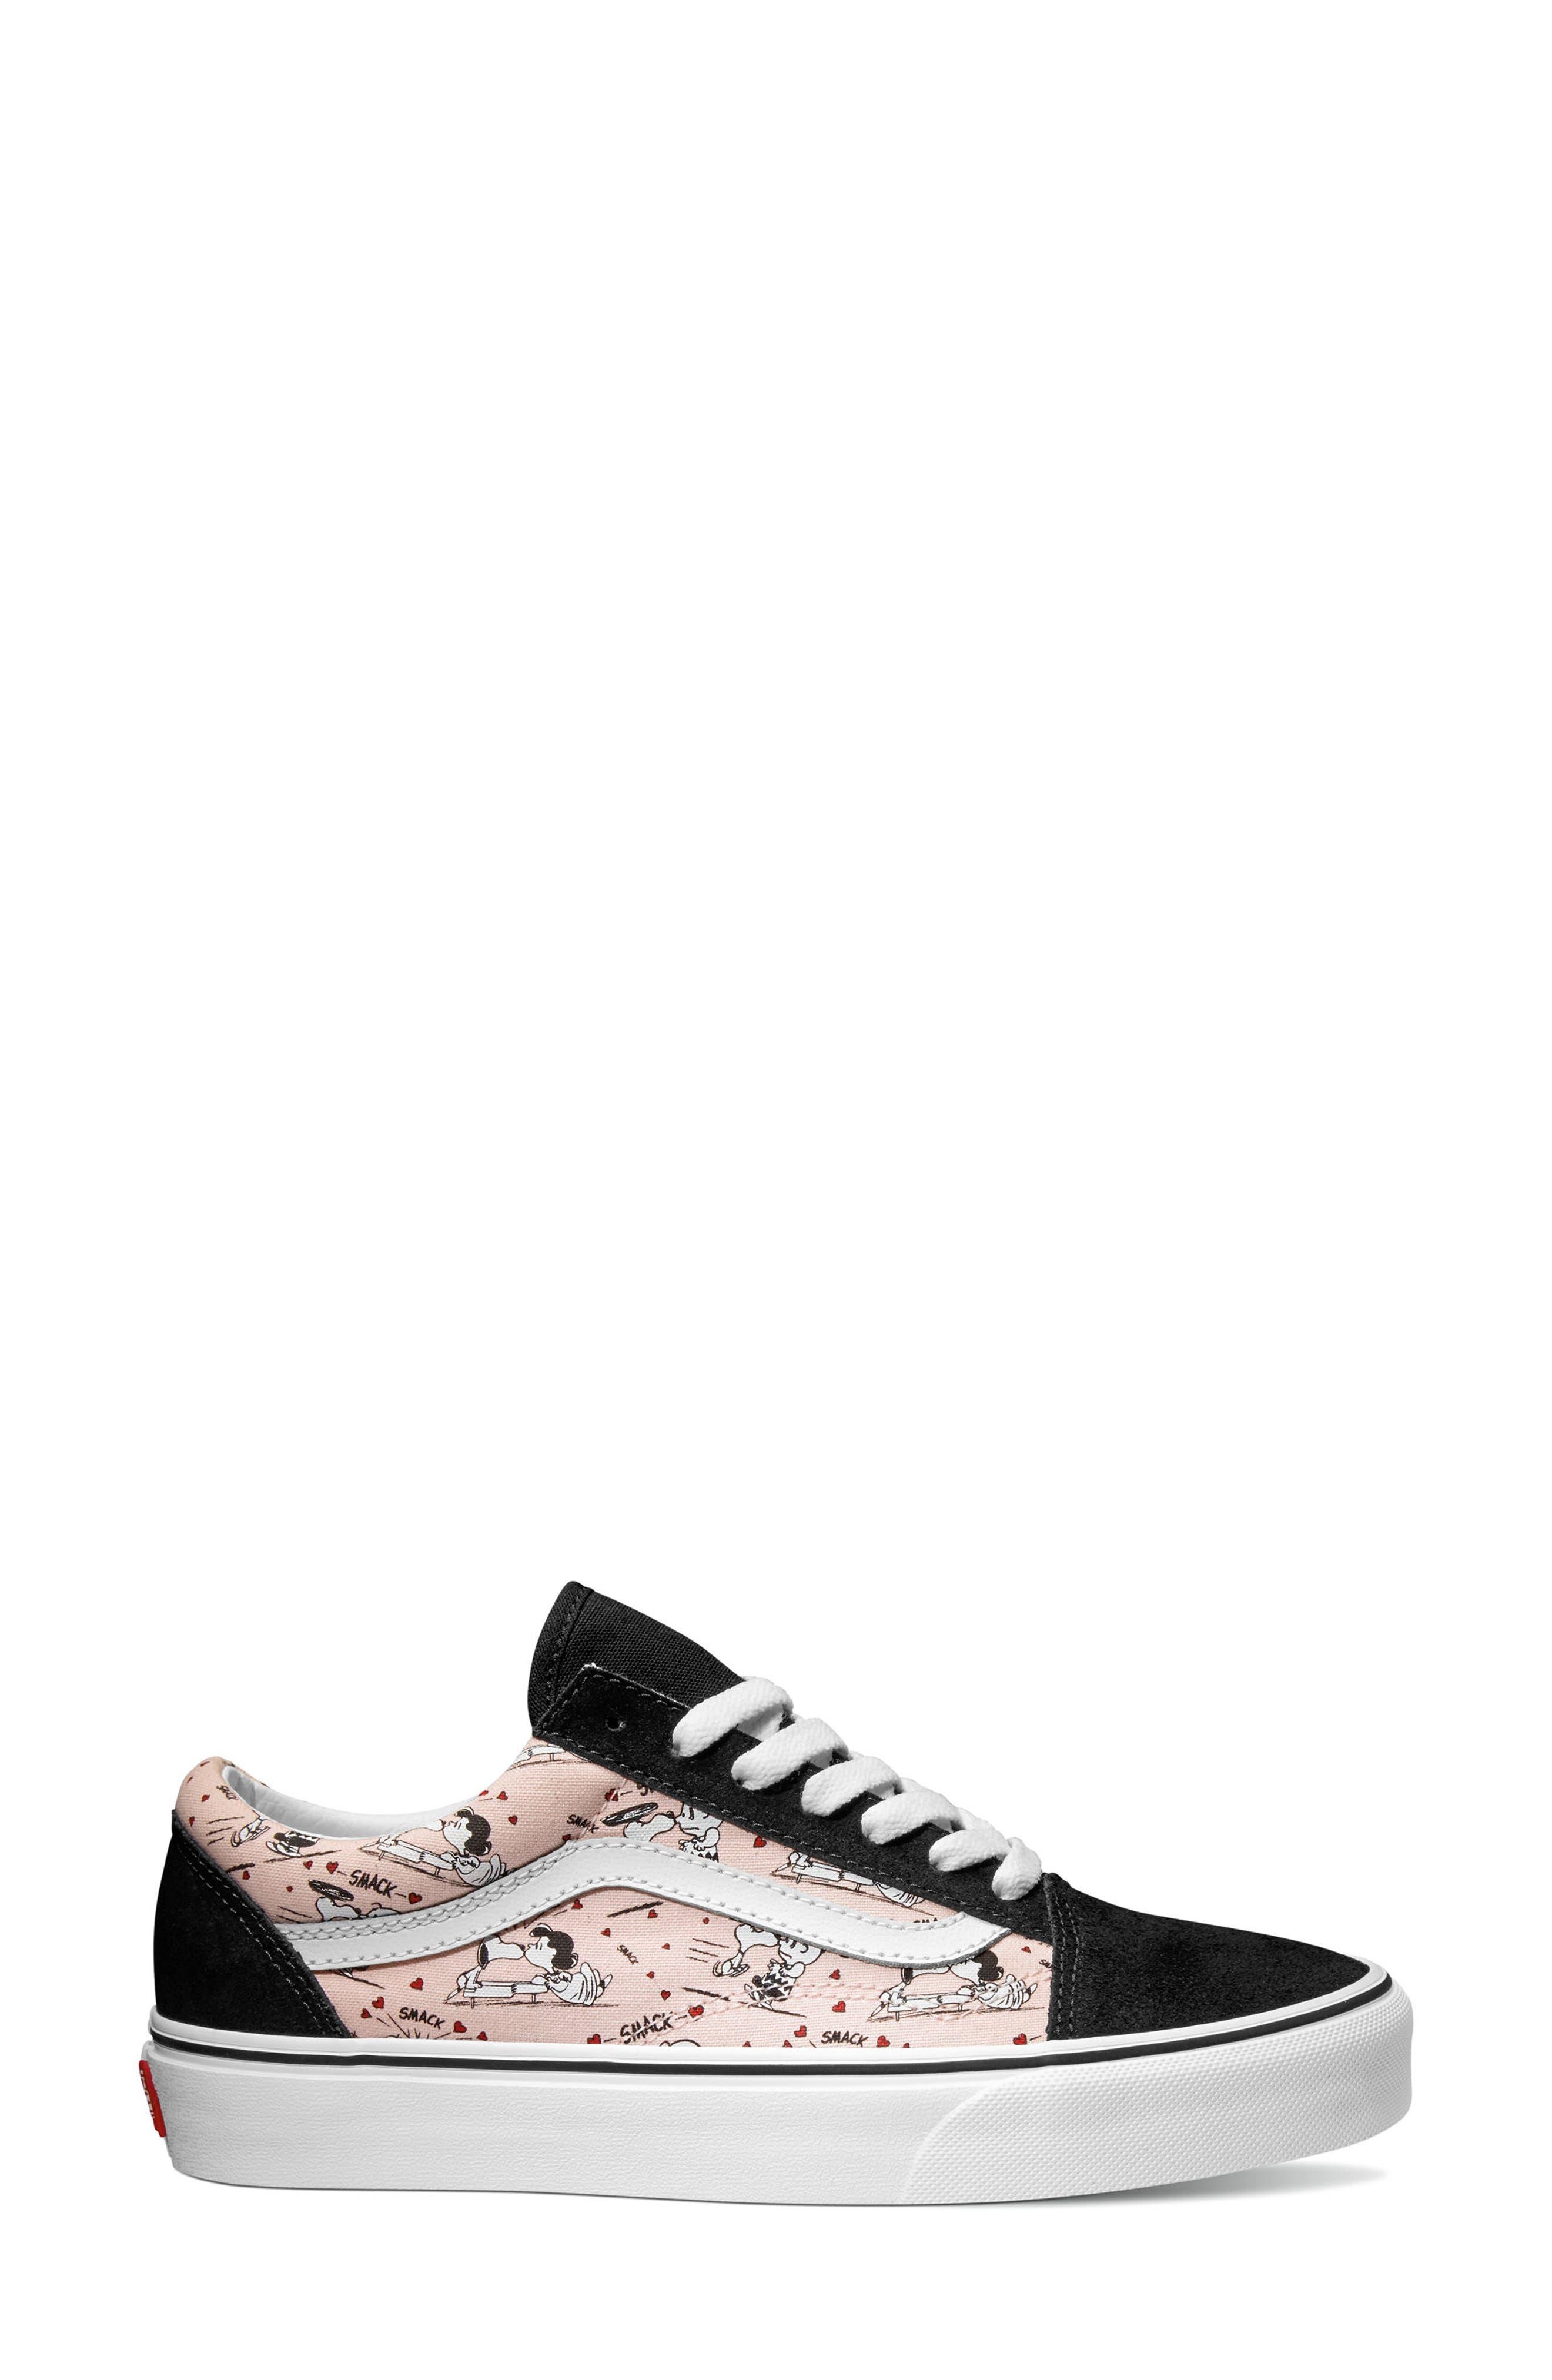 Main Image - Vans x Peanuts Old Skool Snoopy Kisses Sneaker (Women)